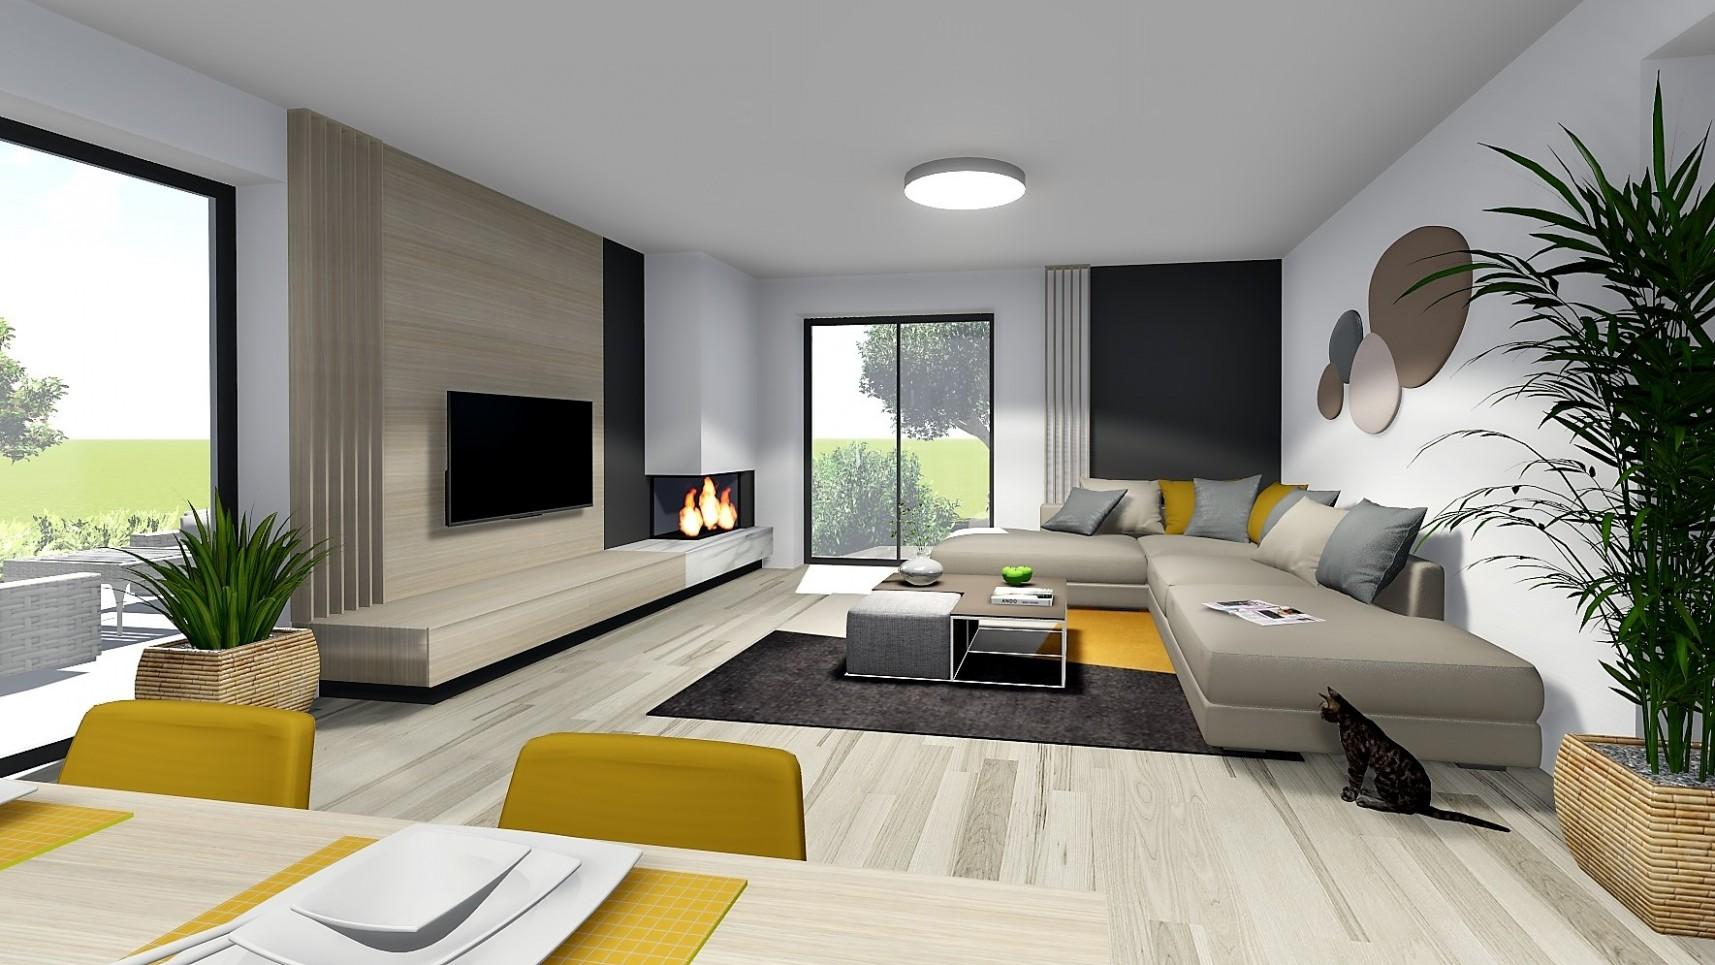 Návrh interiéru rodinného domu v Šenkviciach | AR design